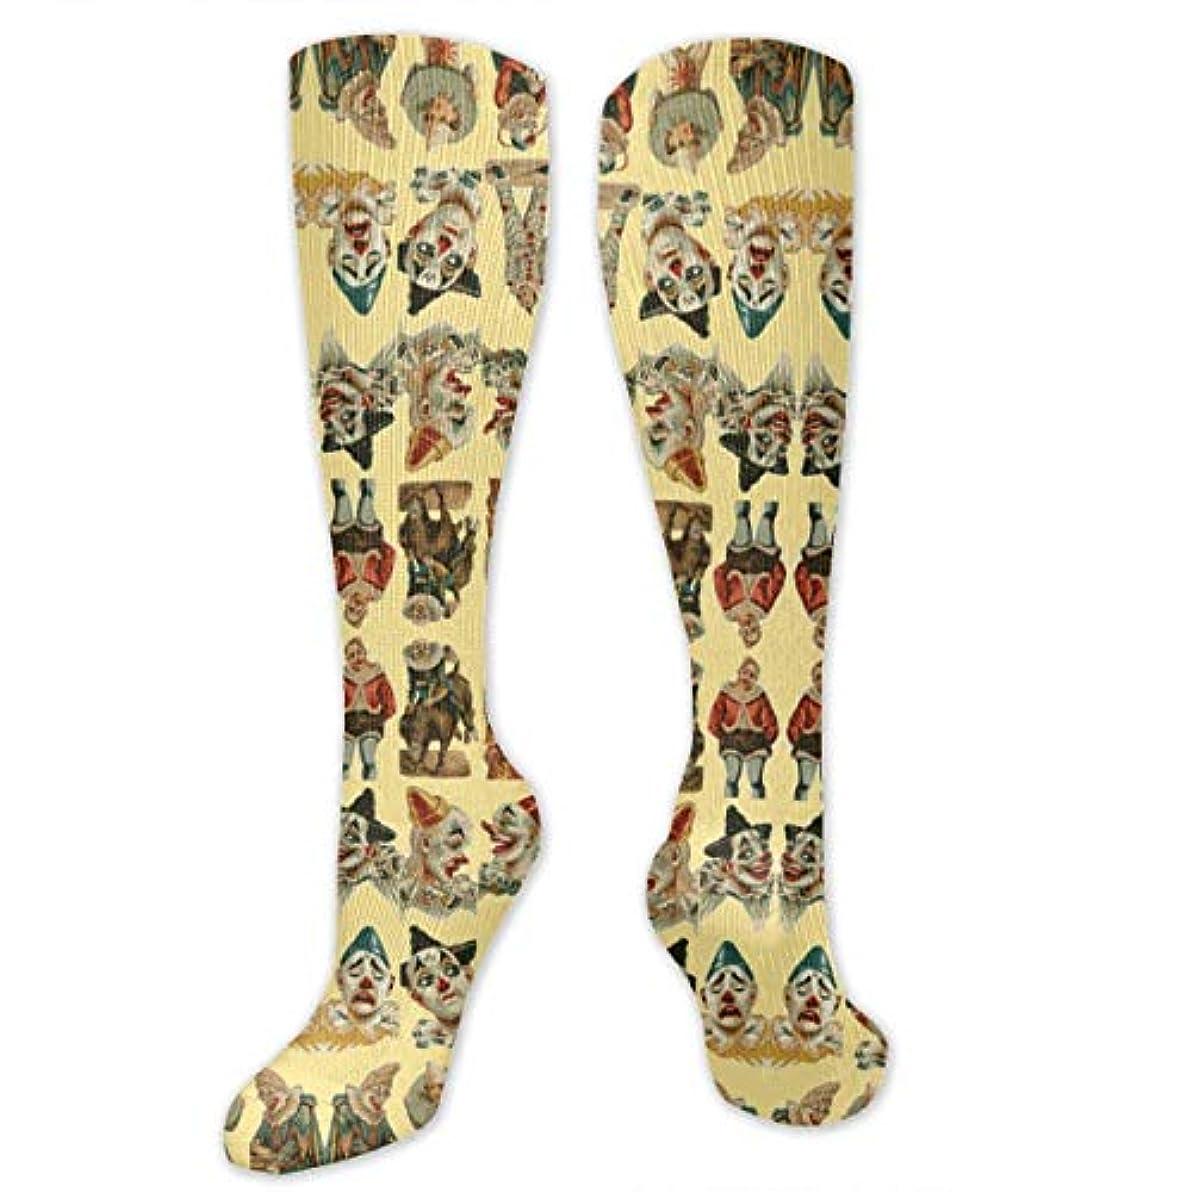 見習い経営者レビュアー靴下,ストッキング,野生のジョーカー,実際,秋の本質,冬必須,サマーウェア&RBXAA Clown Socks Women's Winter Cotton Long Tube Socks Knee High Graduated...